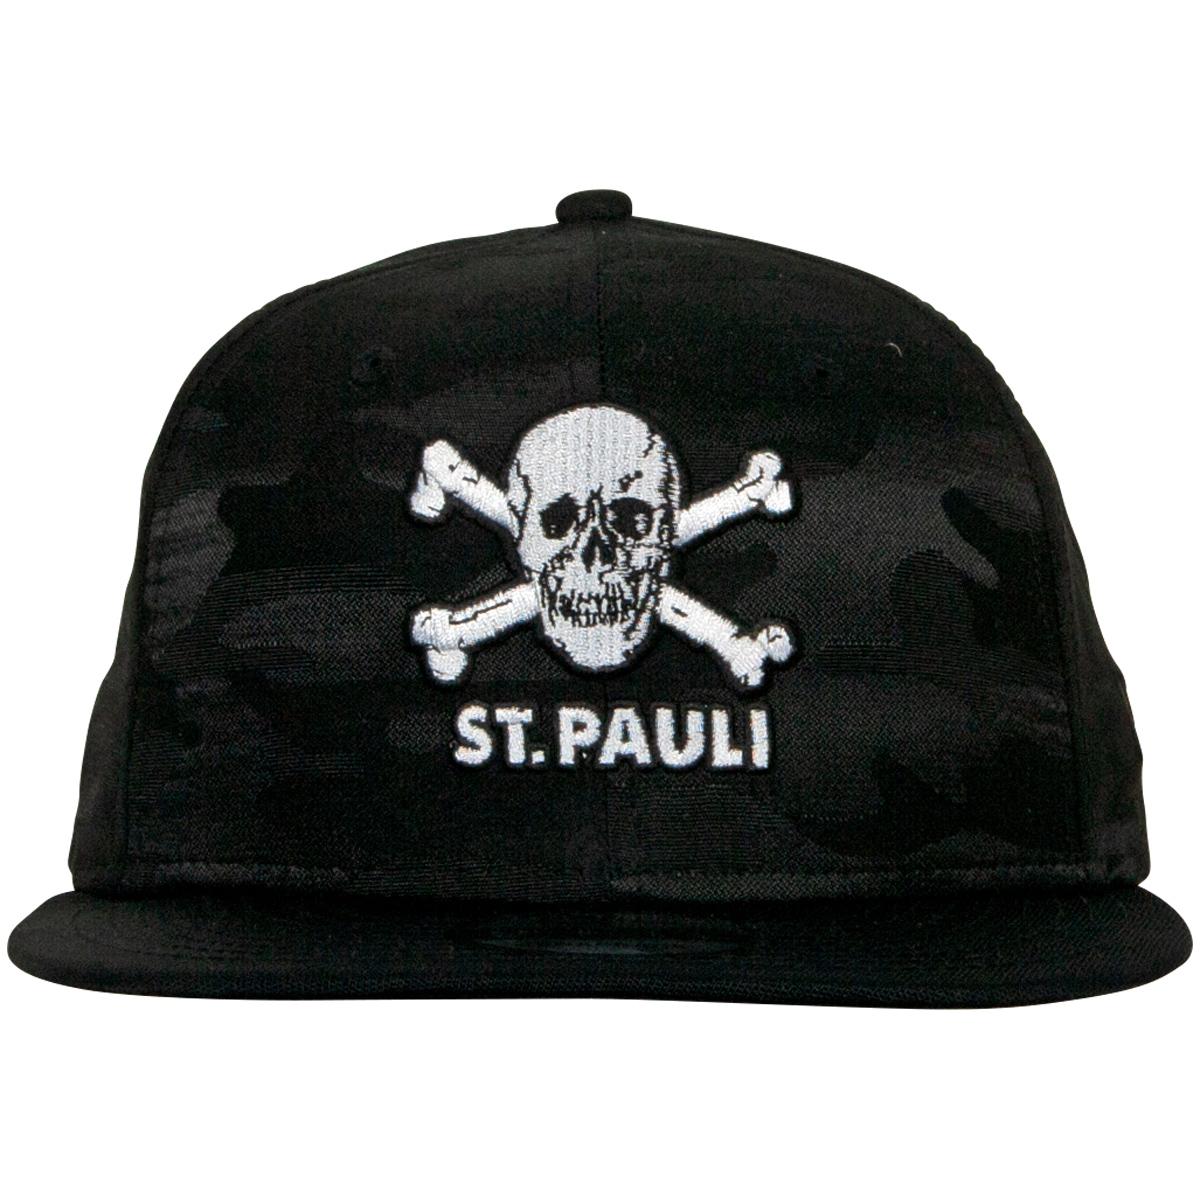 FC St. Pauli - NewEra Kappe Camouflage Totenkopf